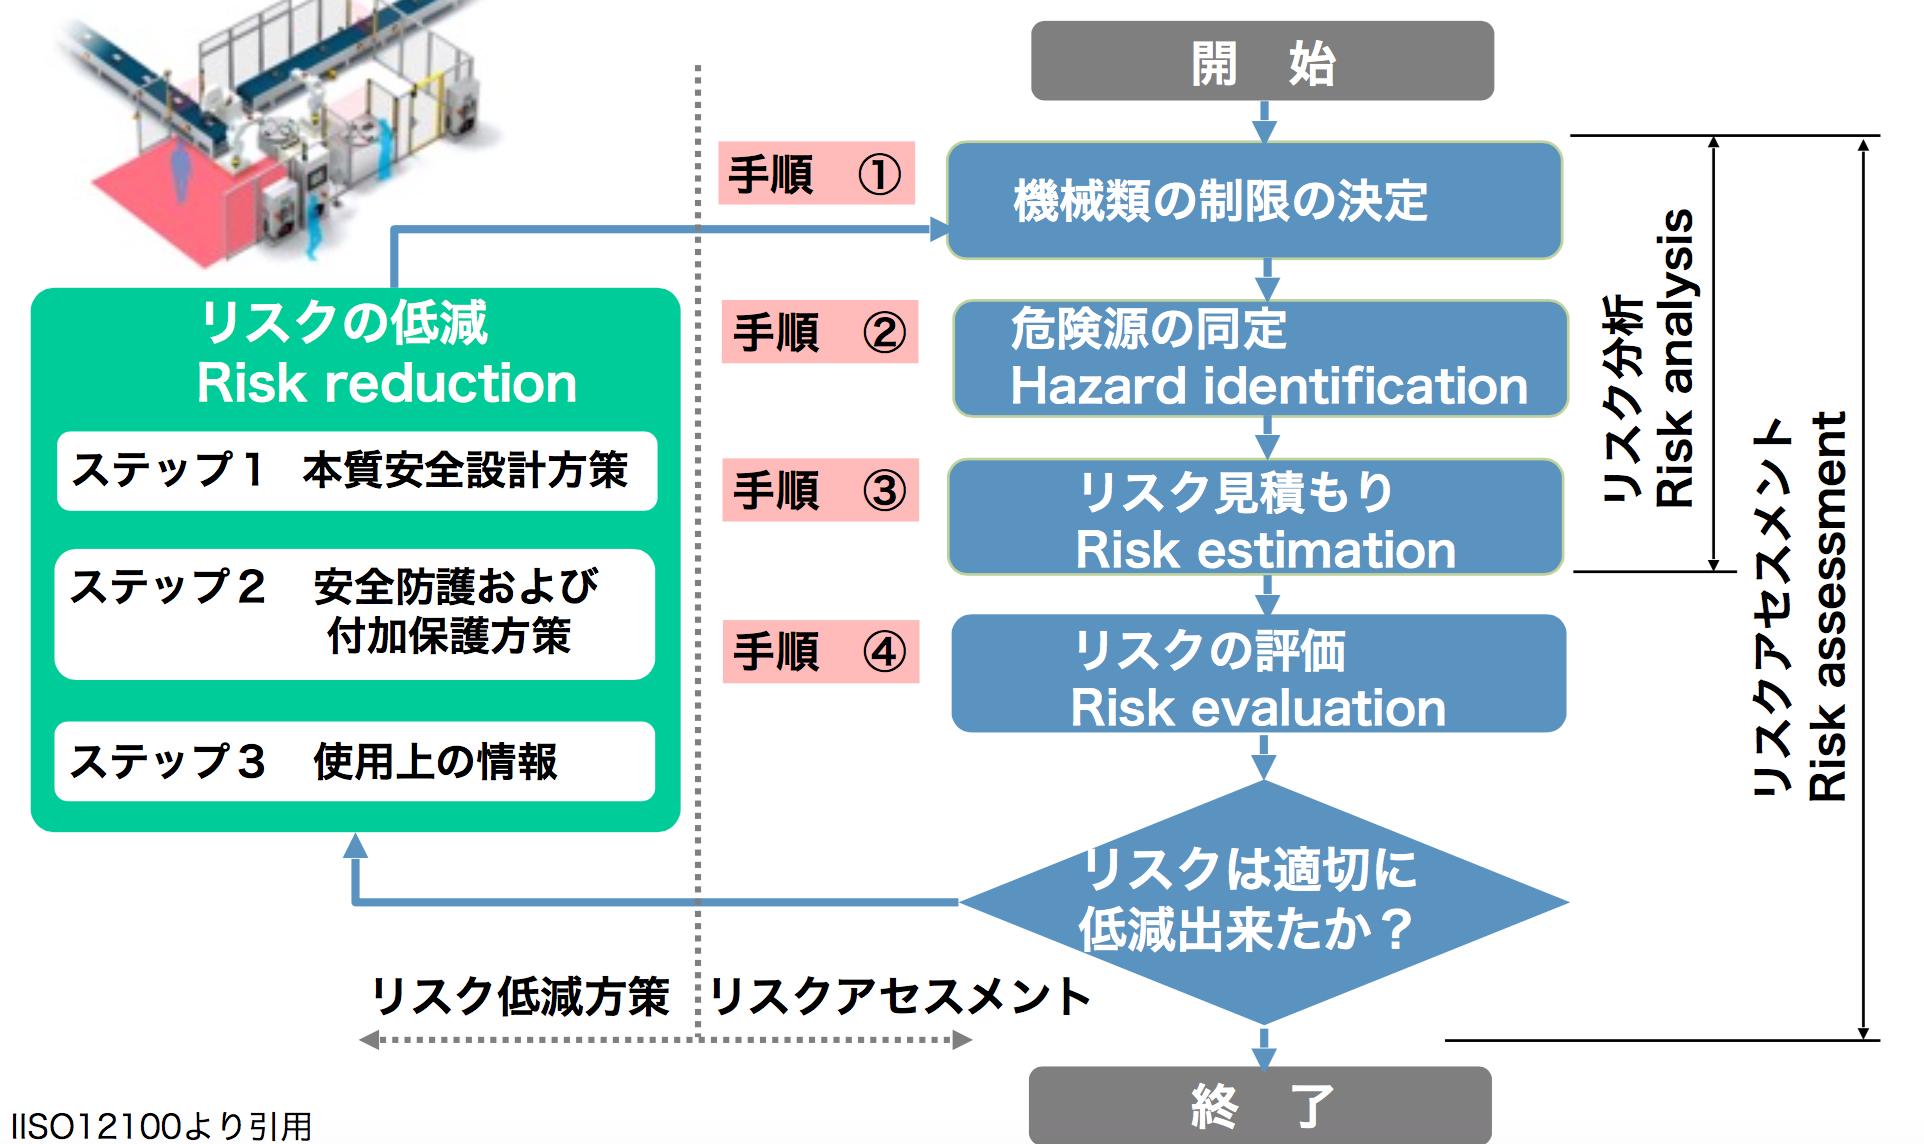 今だから考えたい「協働ロボットと安全」 第2回:リスクアセスメントとは?